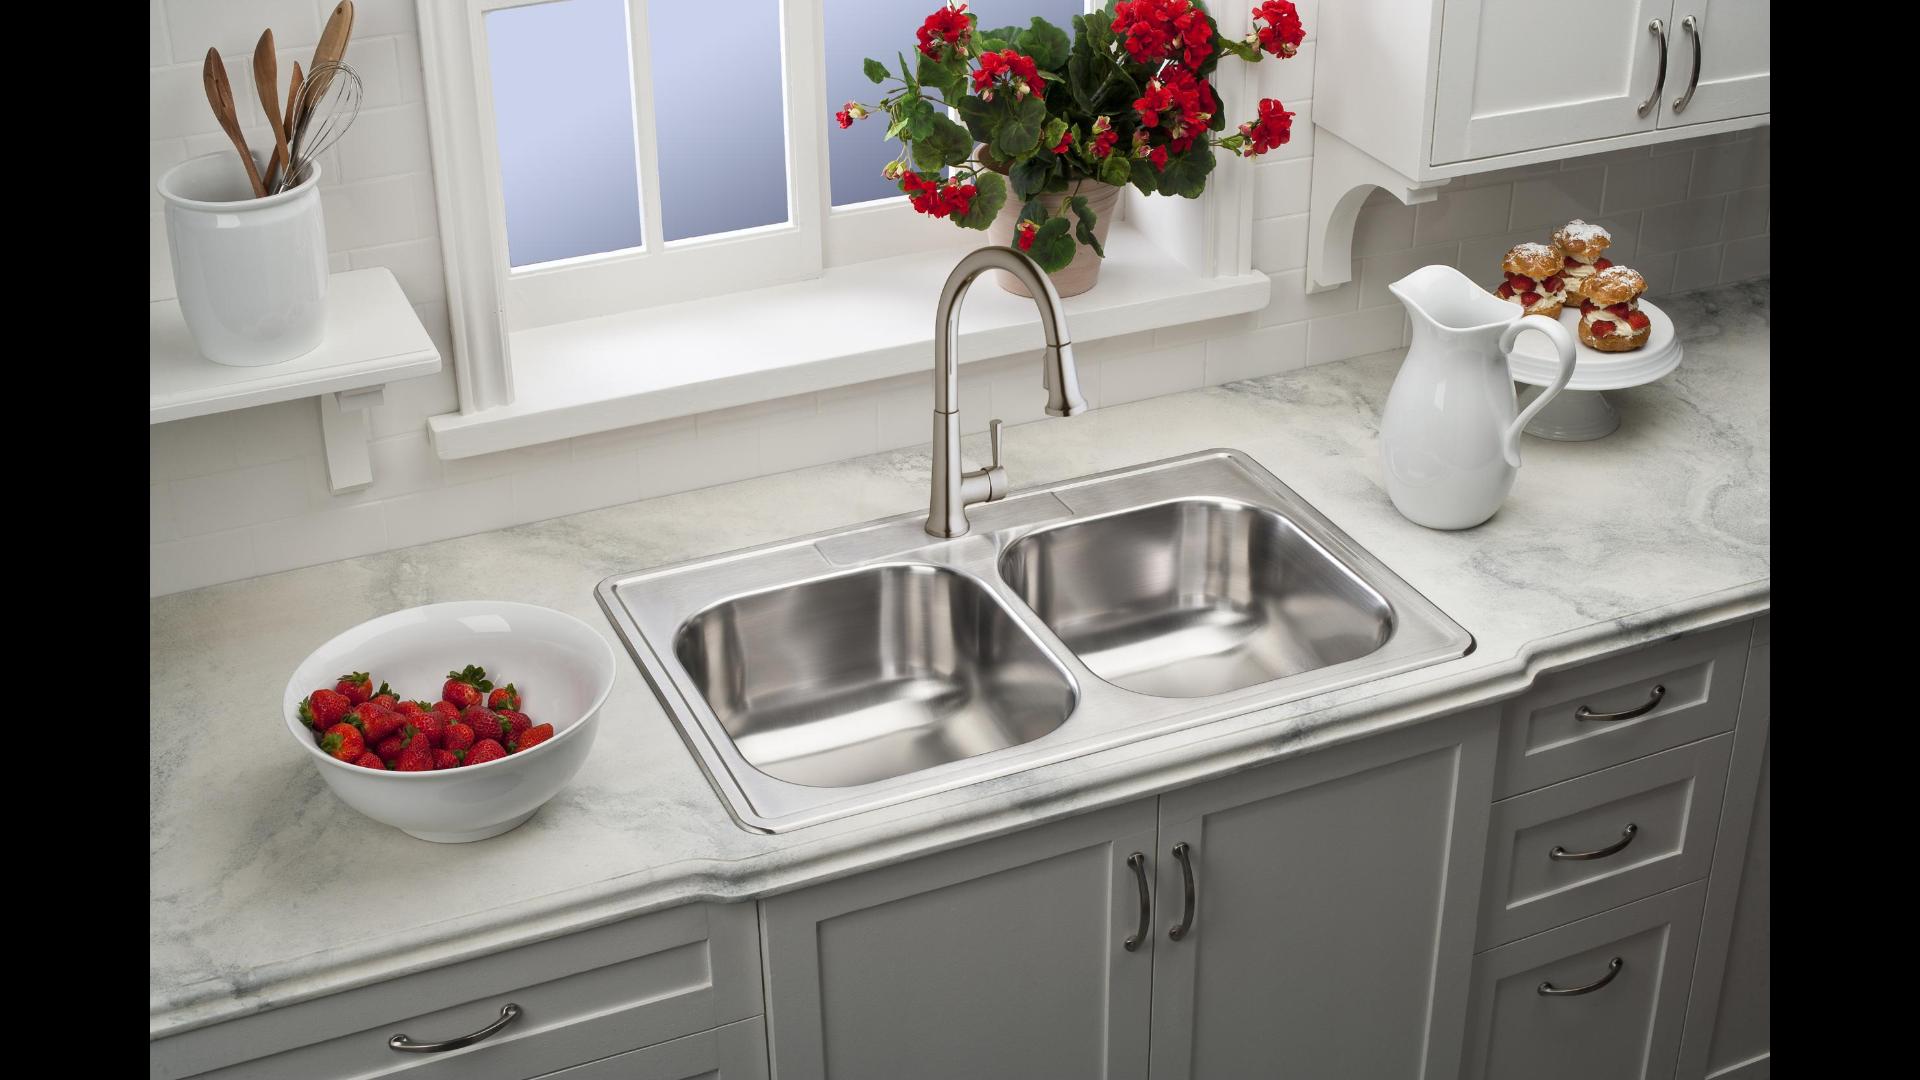 elkay manufacturing stainless steel sinks